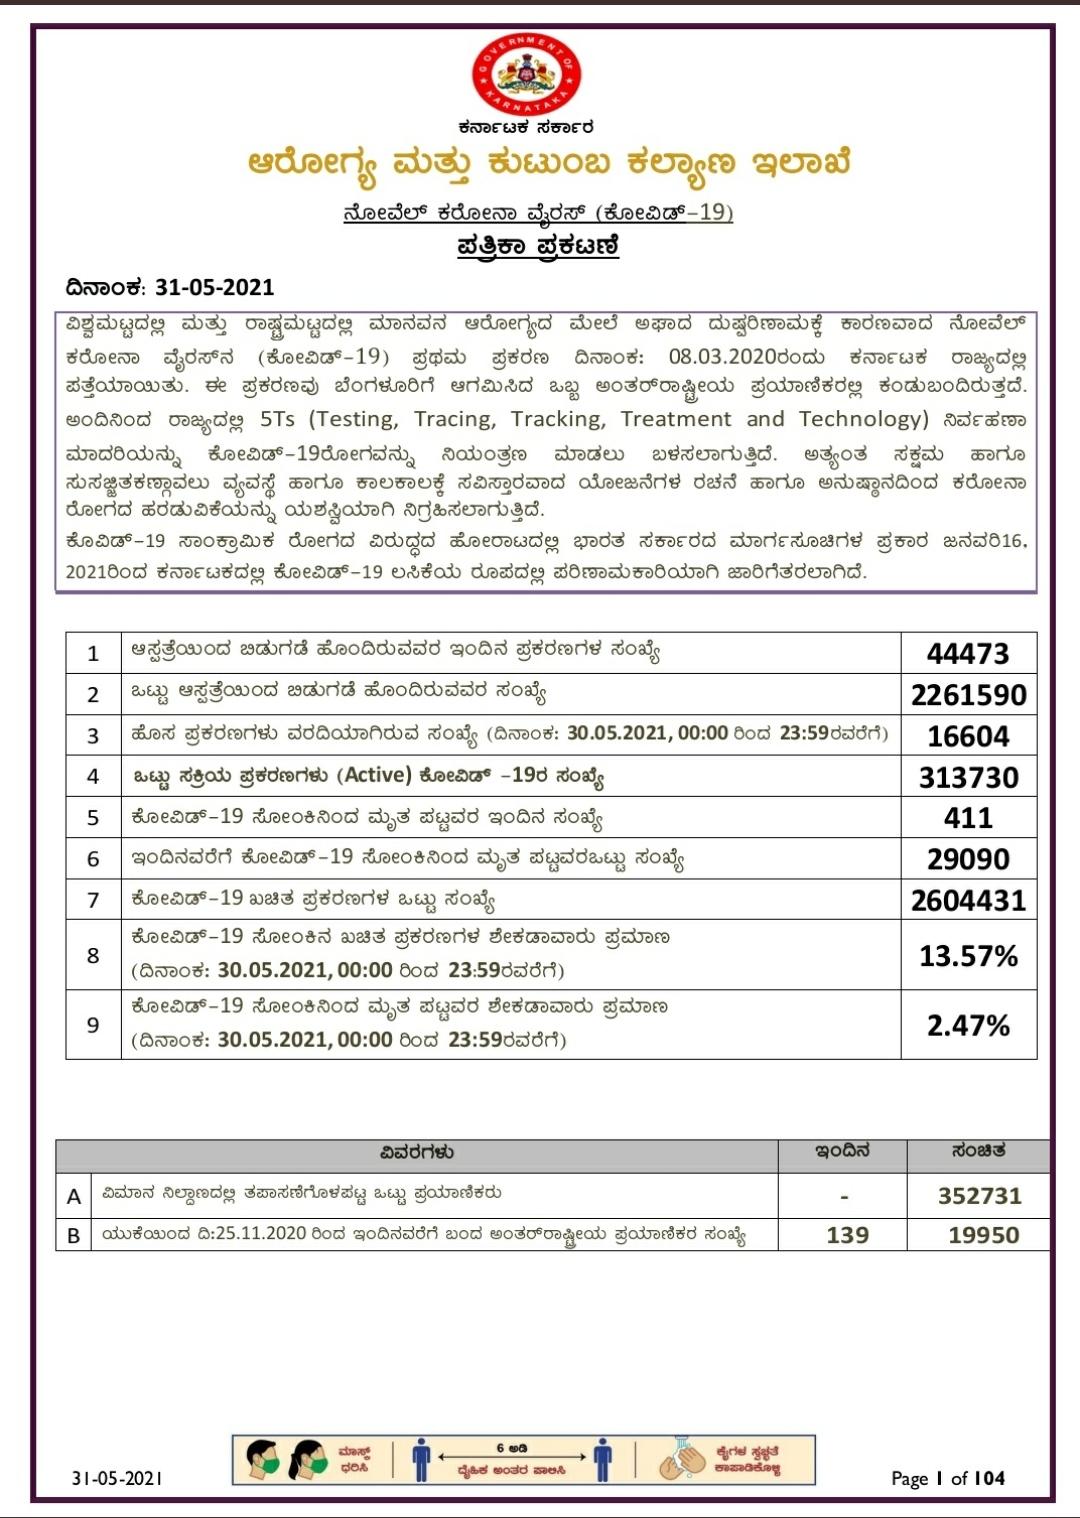 31-05-2021 Today kovid-19 health bulletin